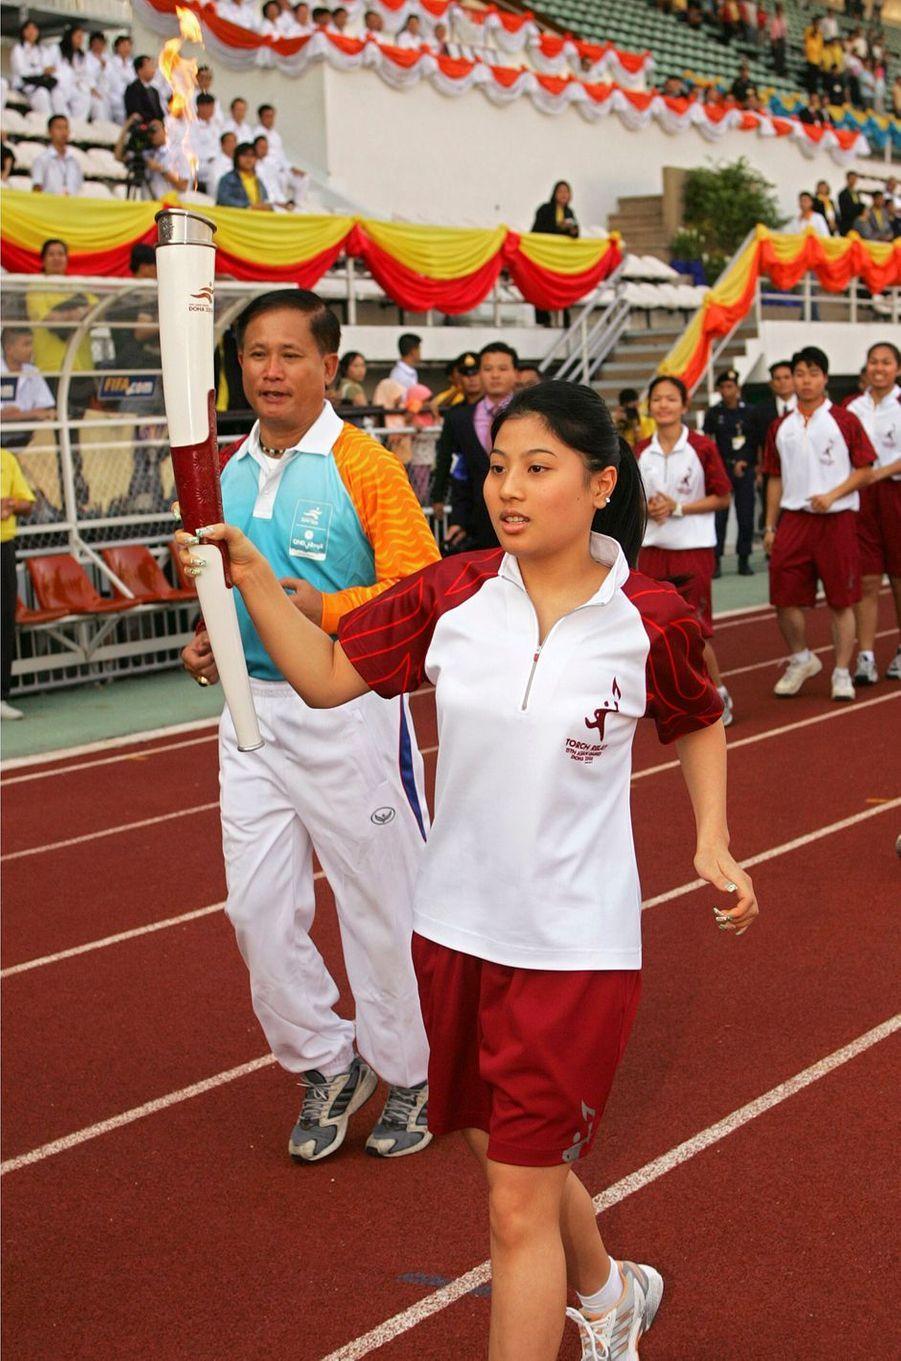 La princesse Sirivannavari Nariratana de Thaïlande à Bangkok, le 5 novembre 2006